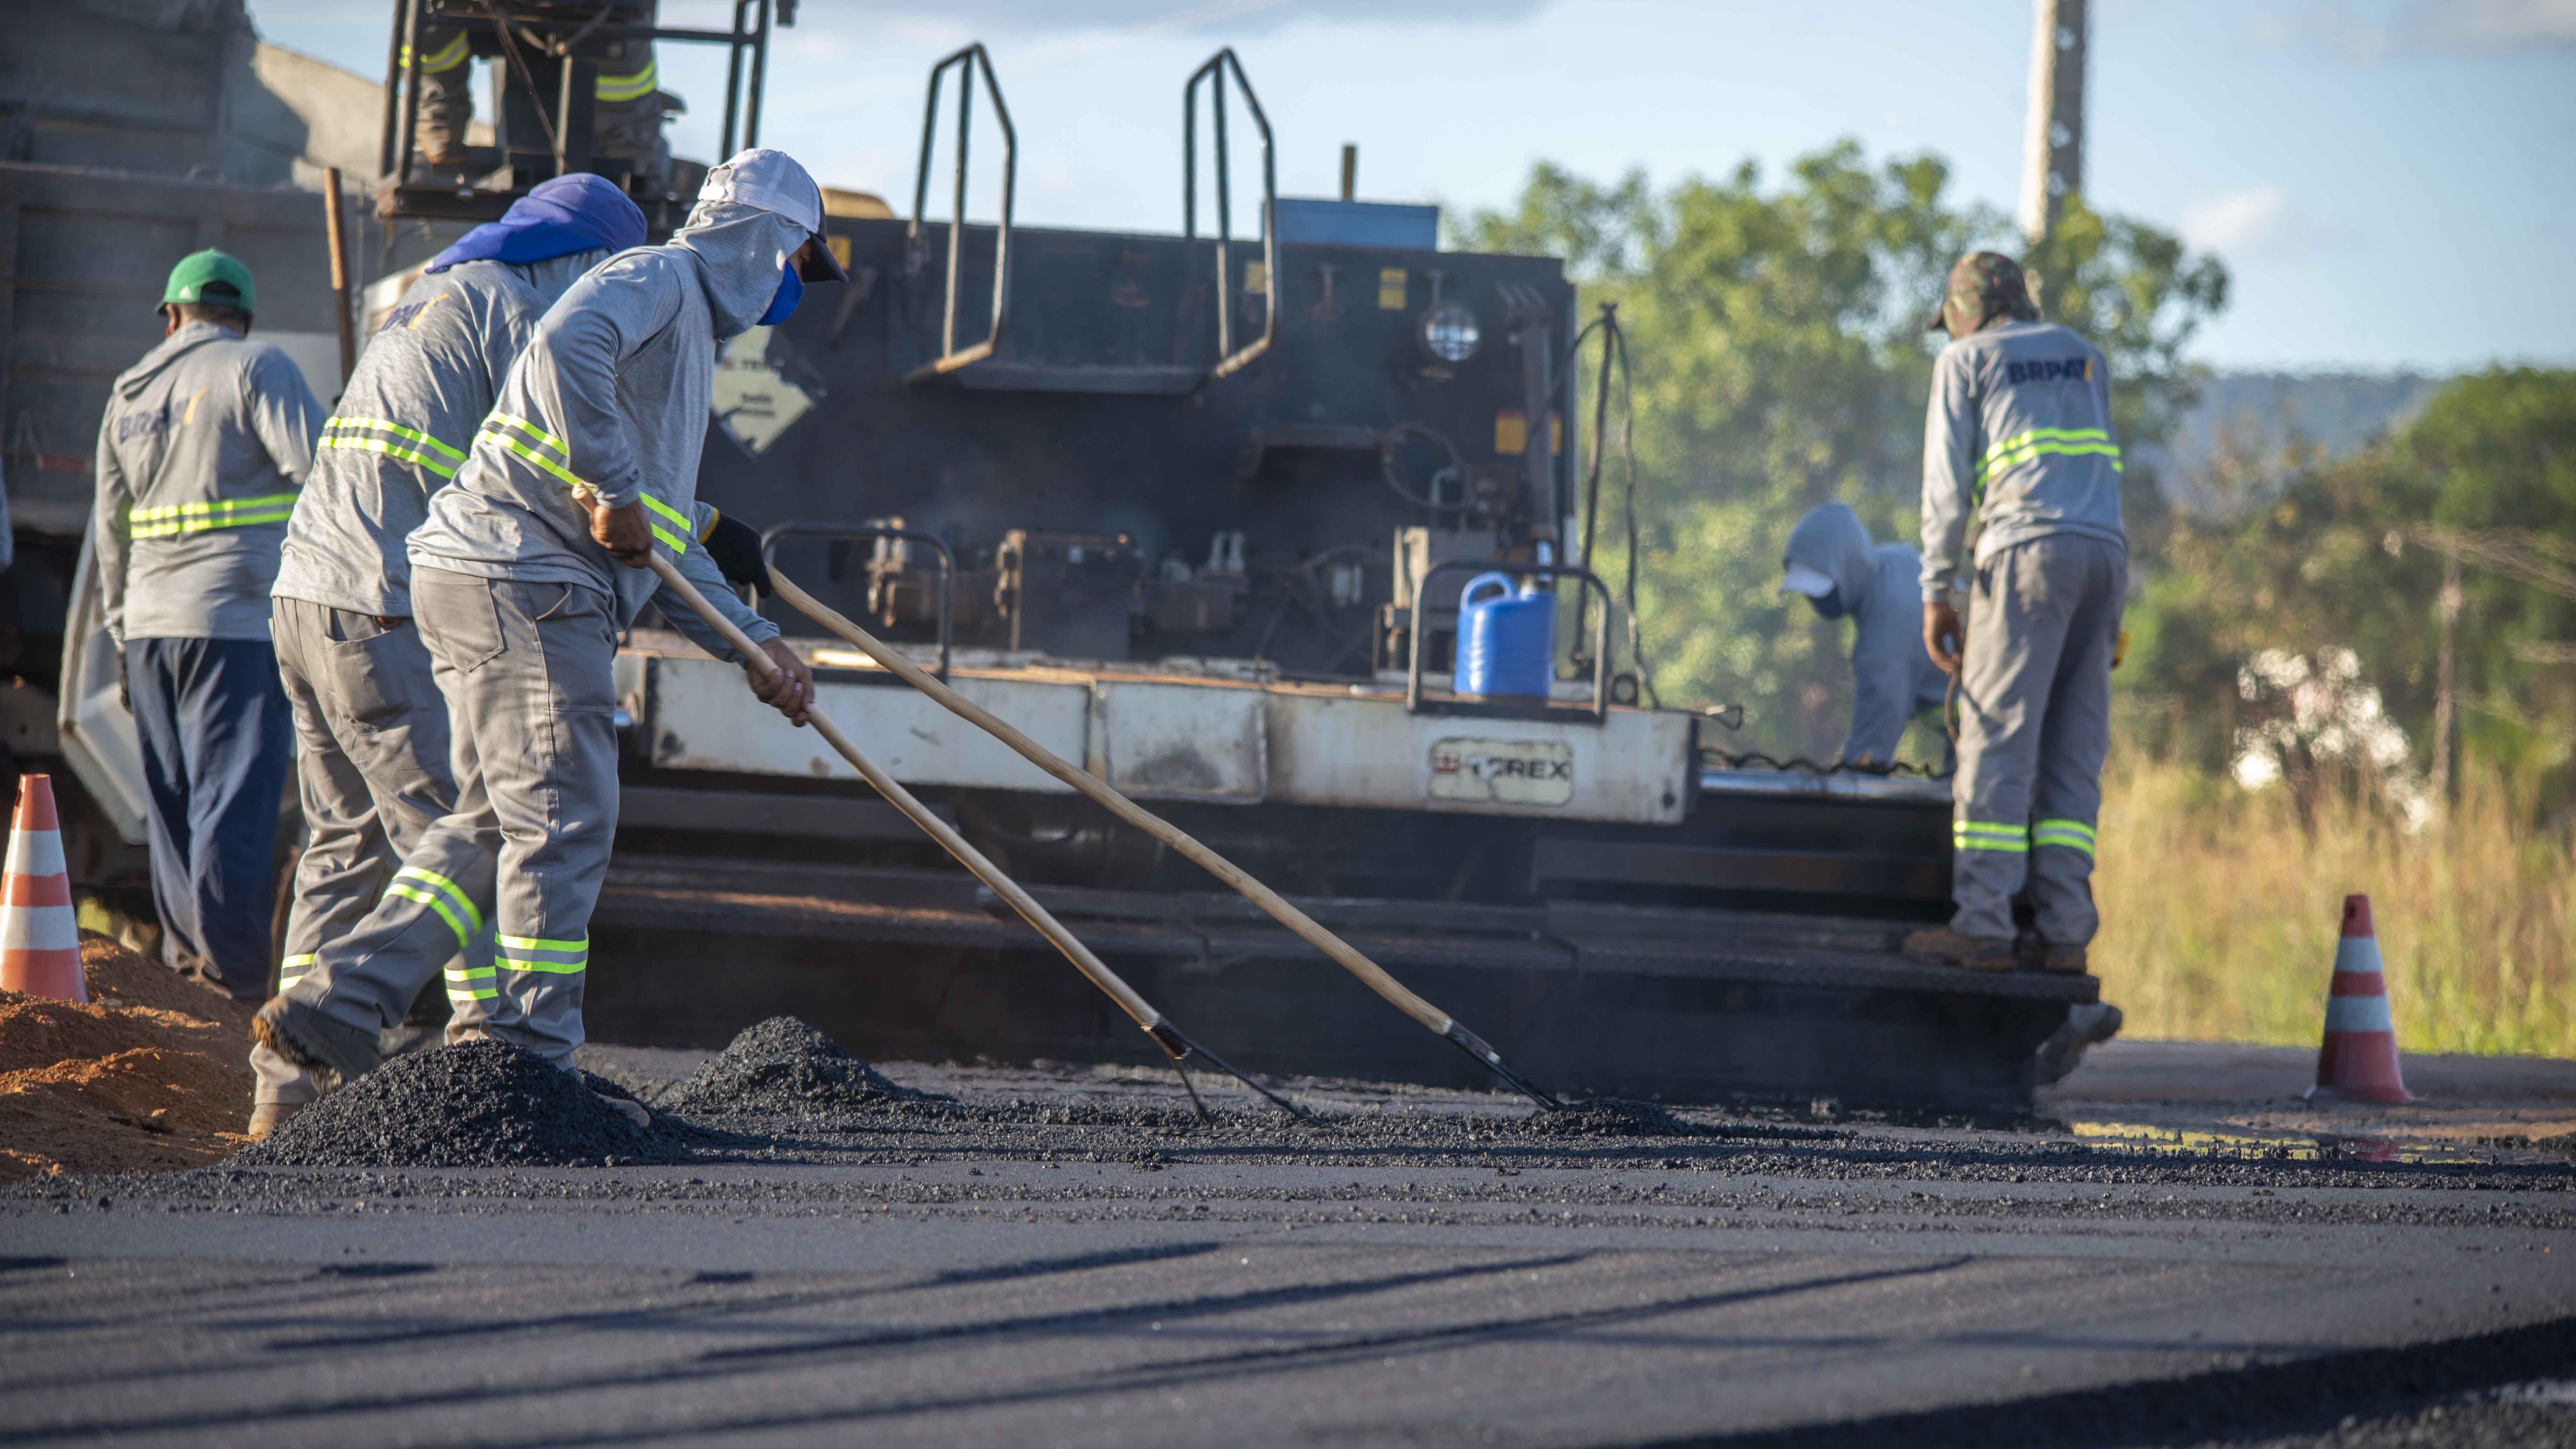 Obras viárias: confira programação de pavimentação para a Arne 64, LO-04 e Buritirana para esta semana